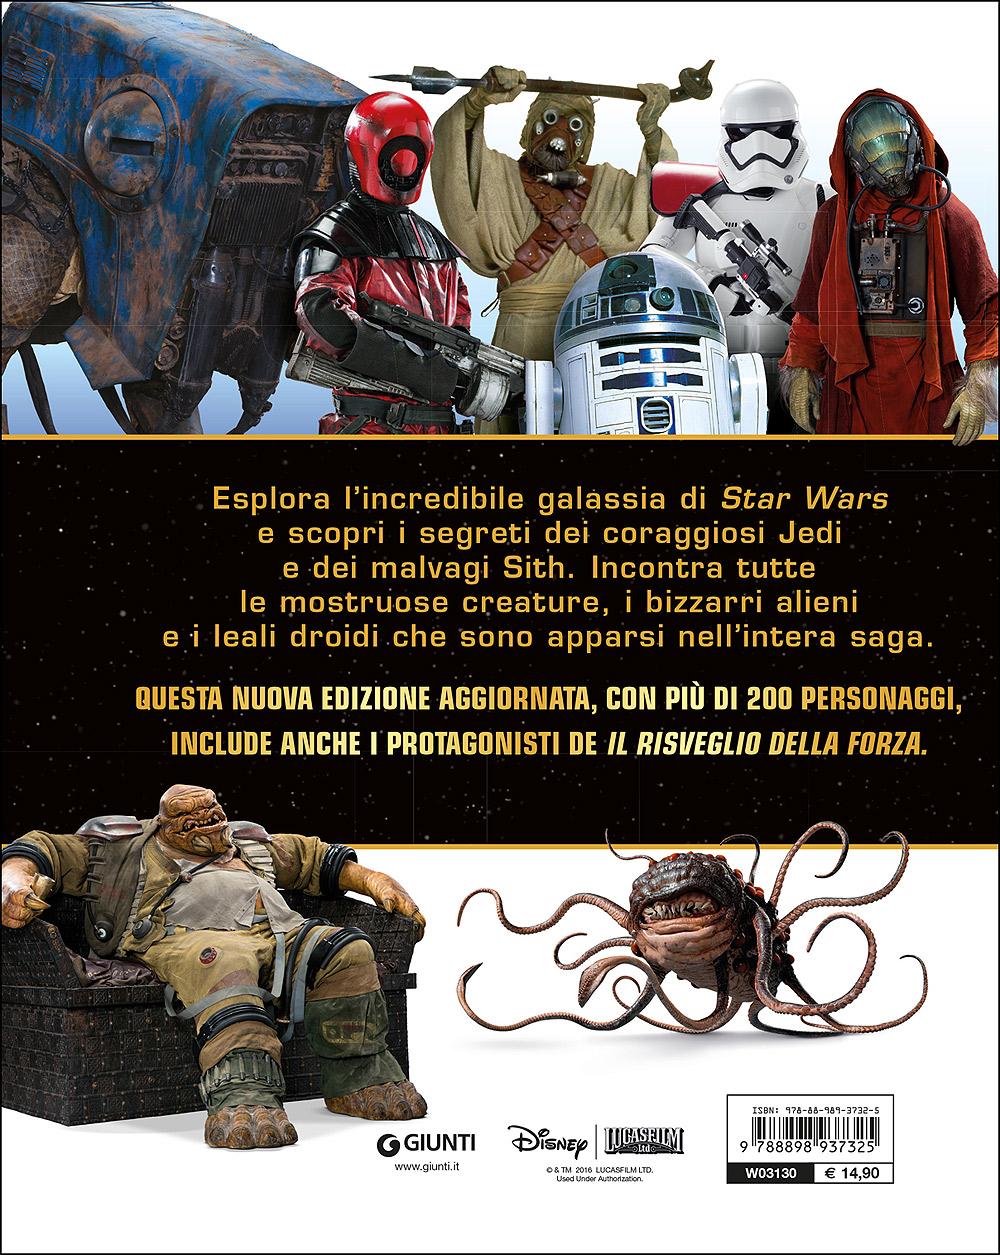 Enciclopedia dei Personaggi - Star Wars. La Guida ai personaggi dalla A alla Z